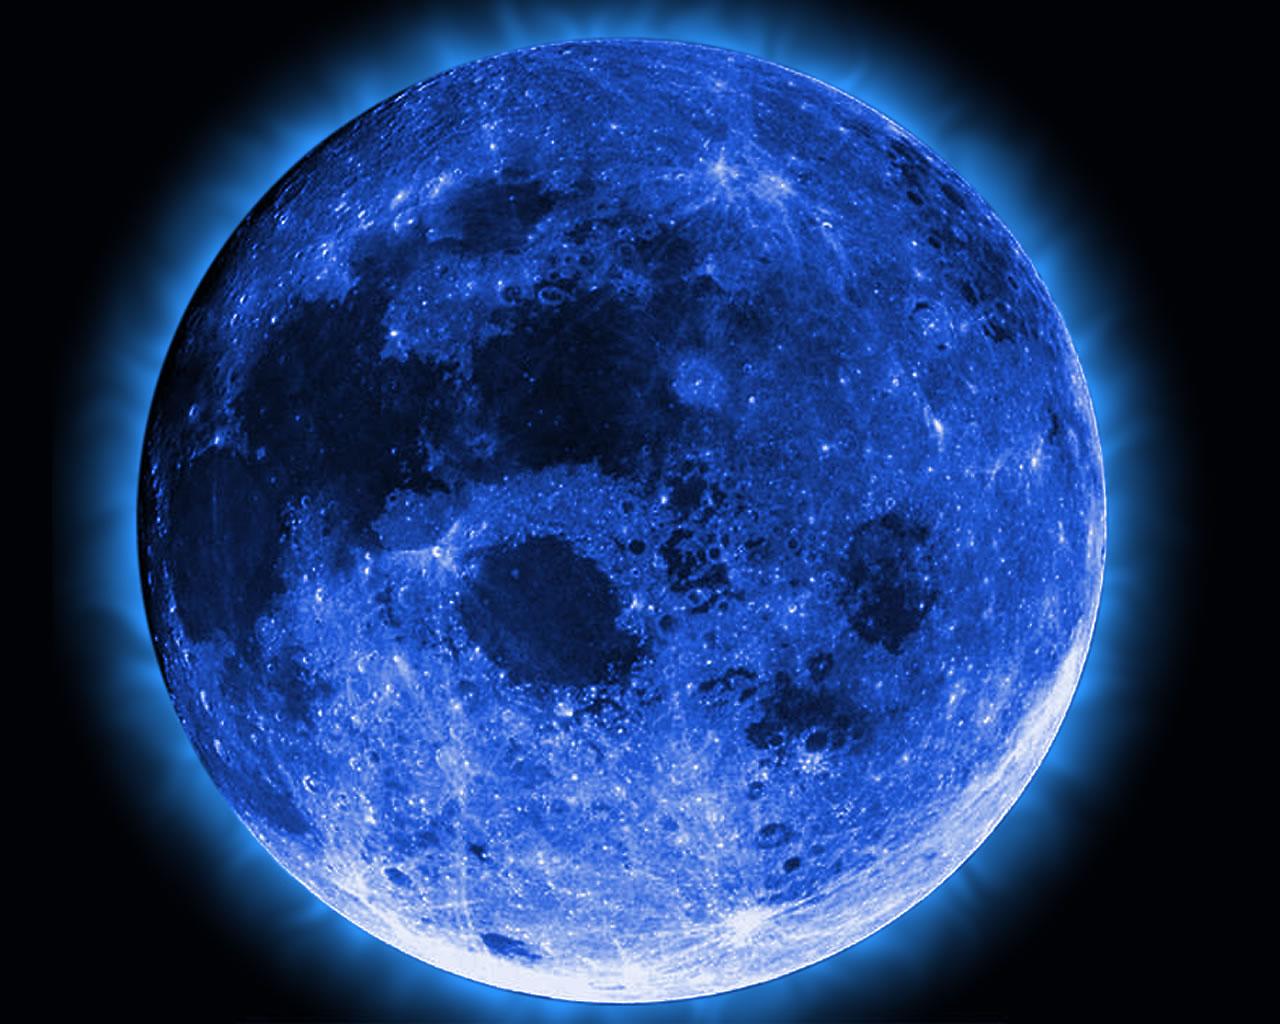 ماه آبی چیست؟